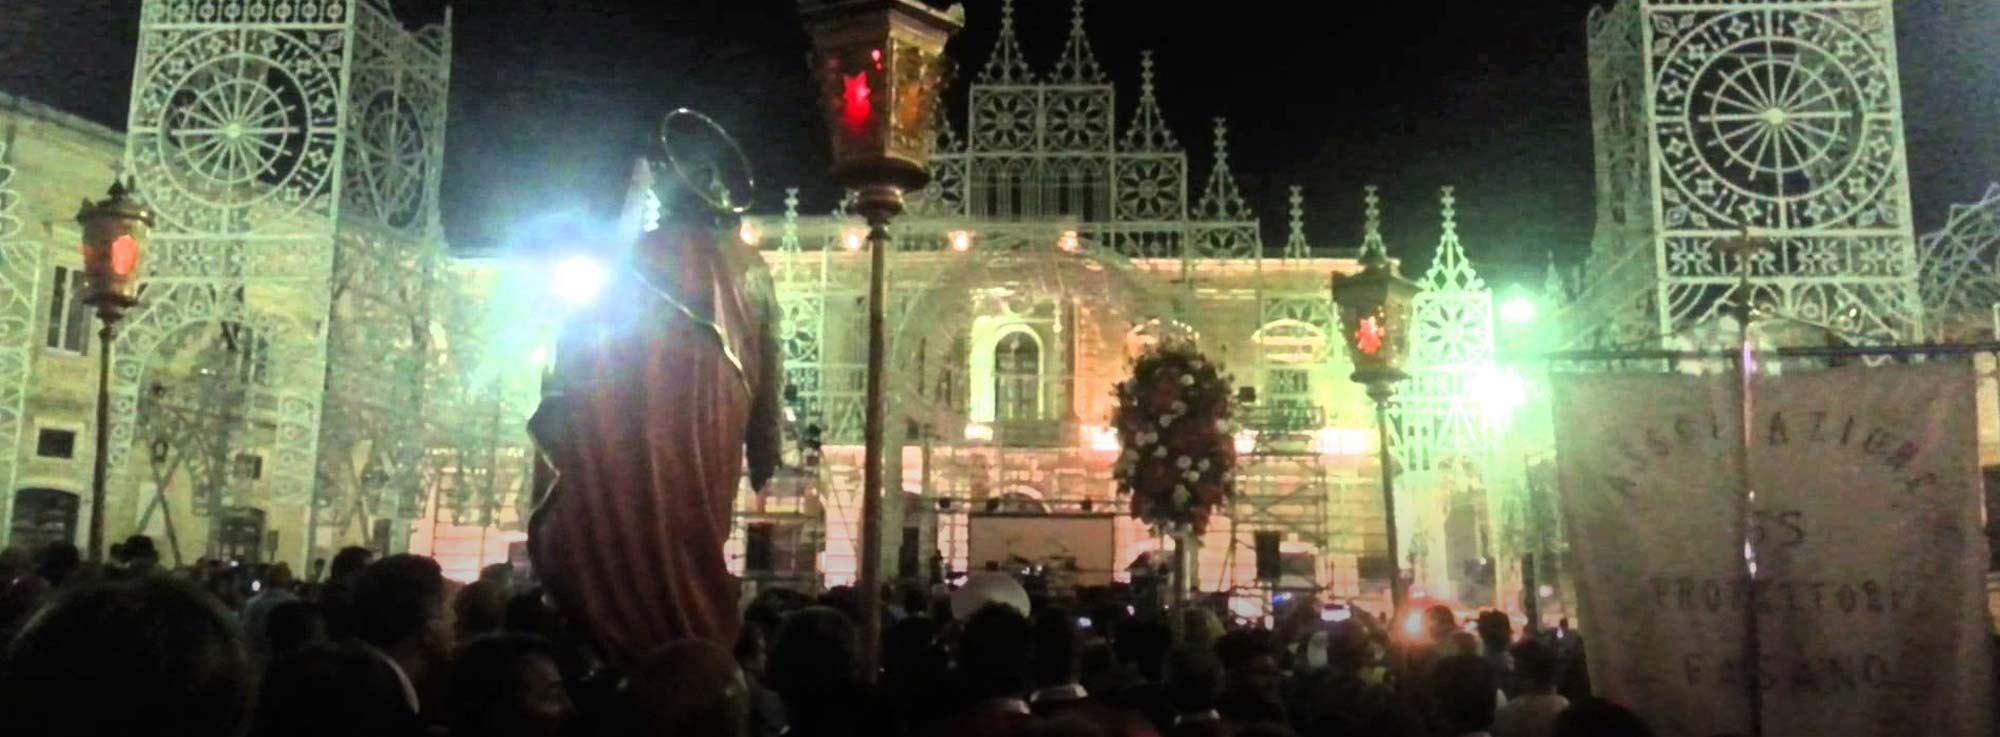 Fasano: Festa patronale